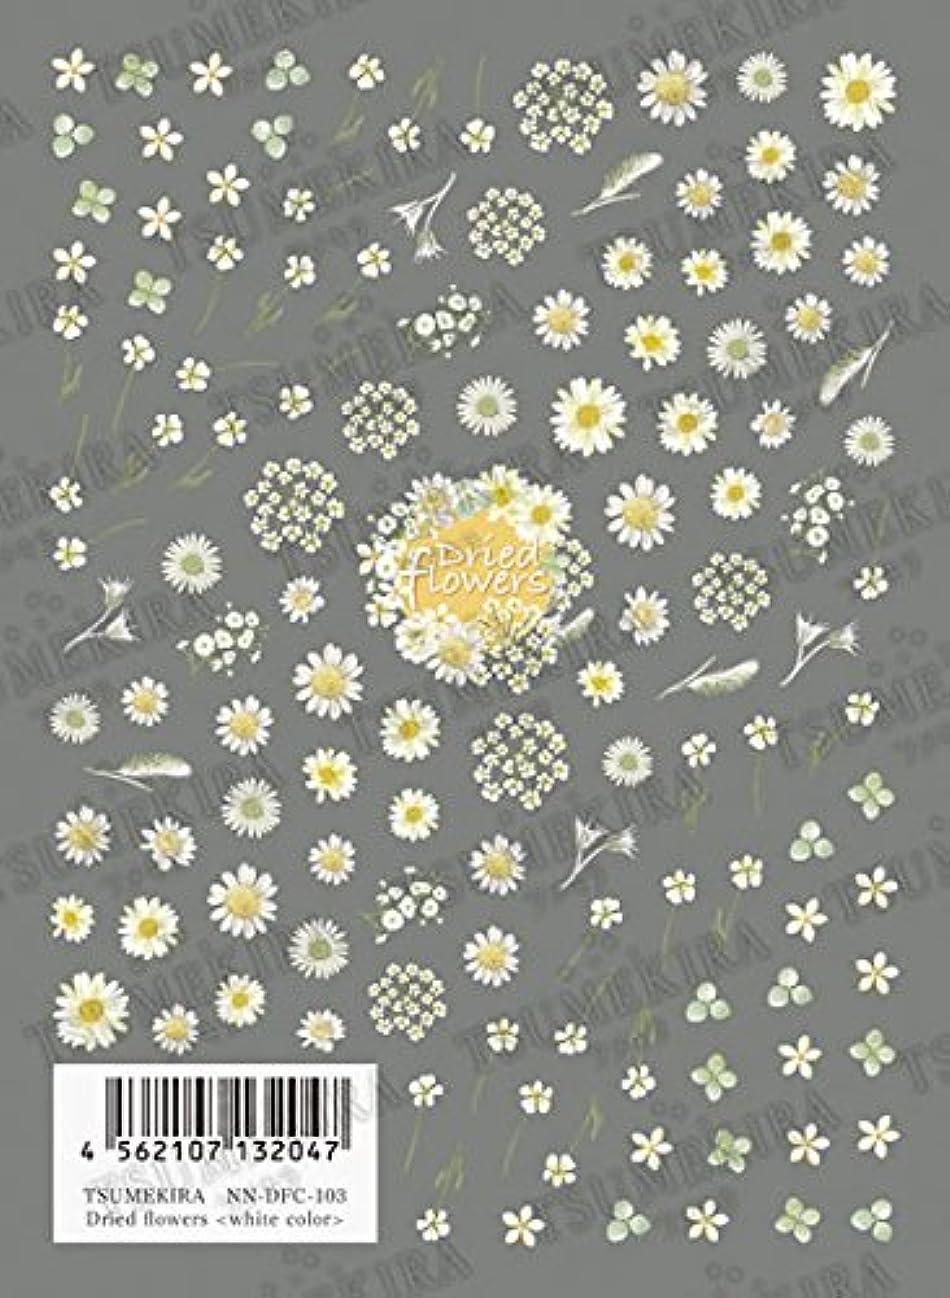 耐えられる背景スキルTSUMEKIRA Dried flowers white color NN-DFC-103